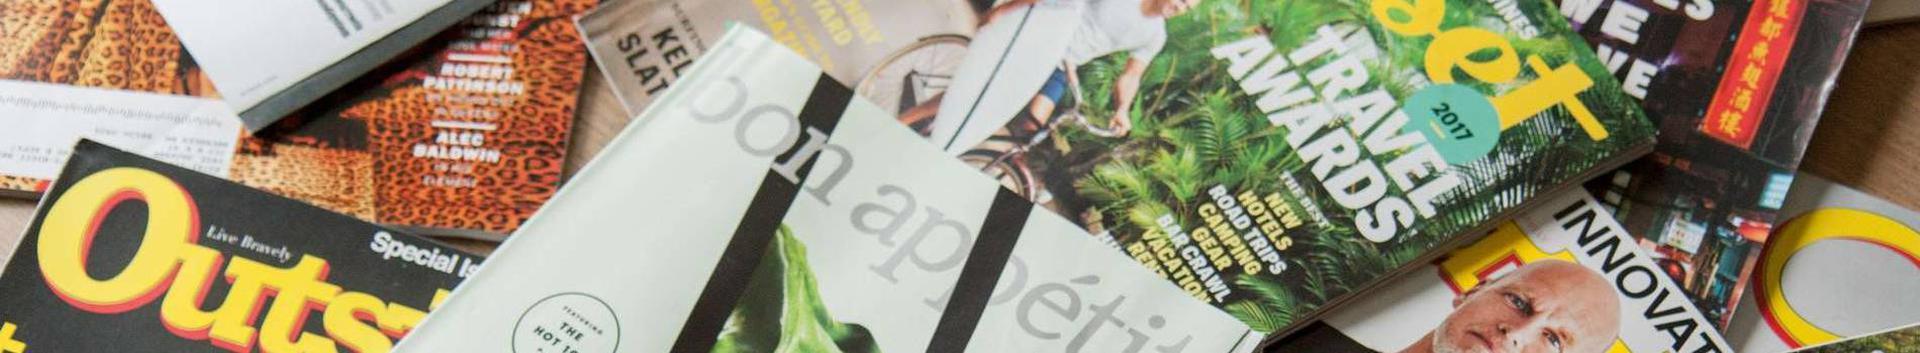 73121_reklaami-vahendamine-meedias_70658334_xl.jpg